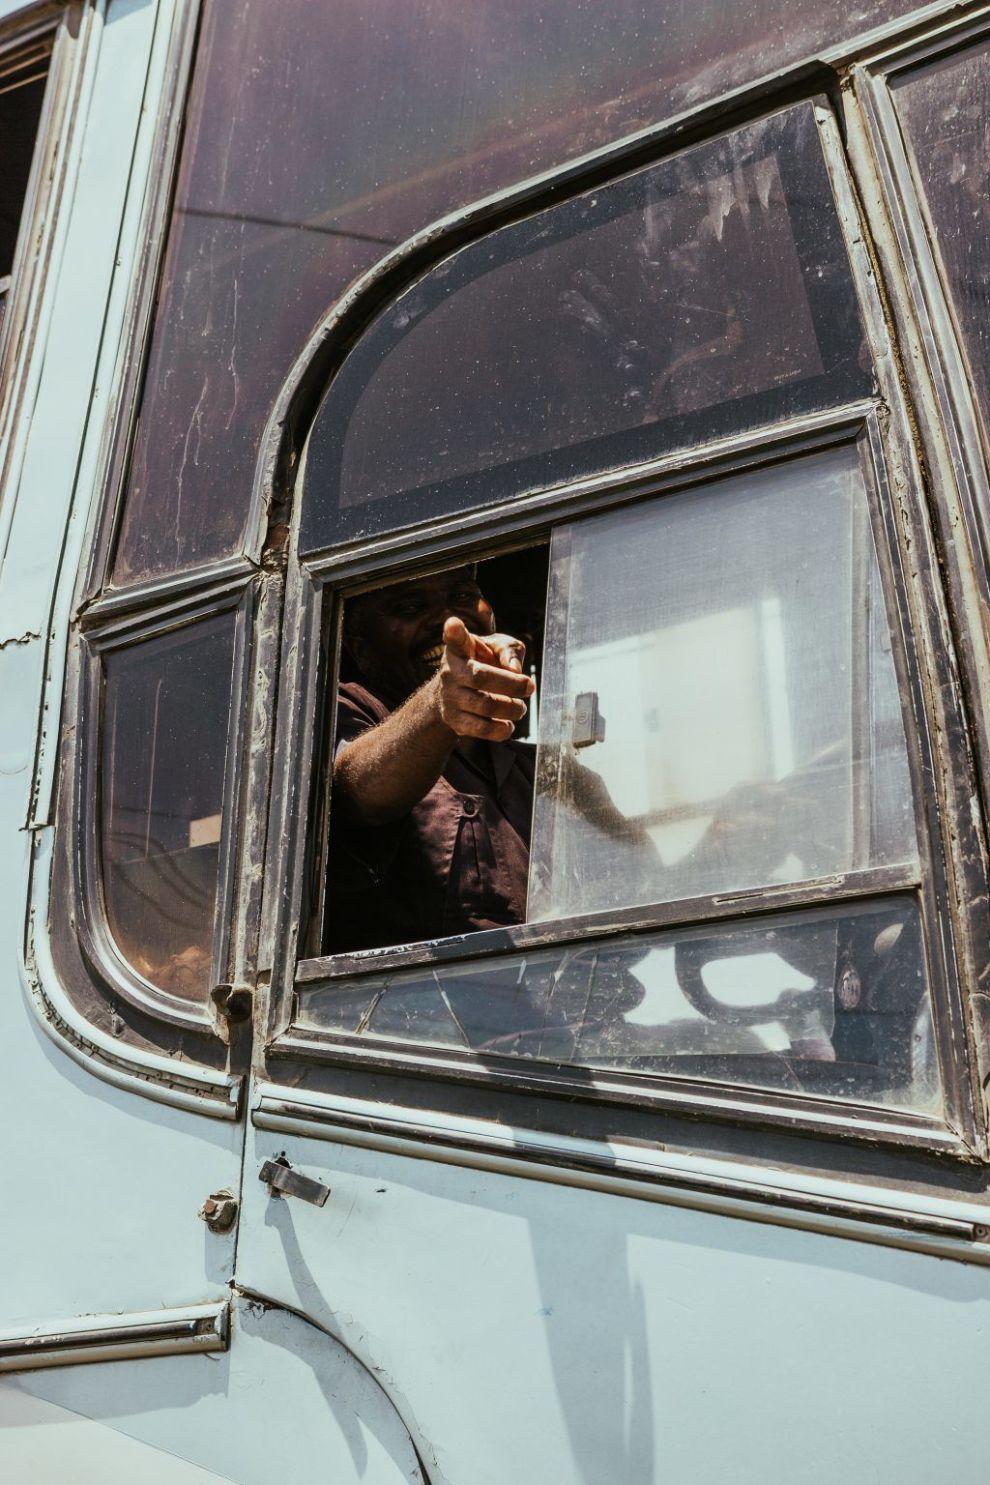 Bus - pege - by - rejser